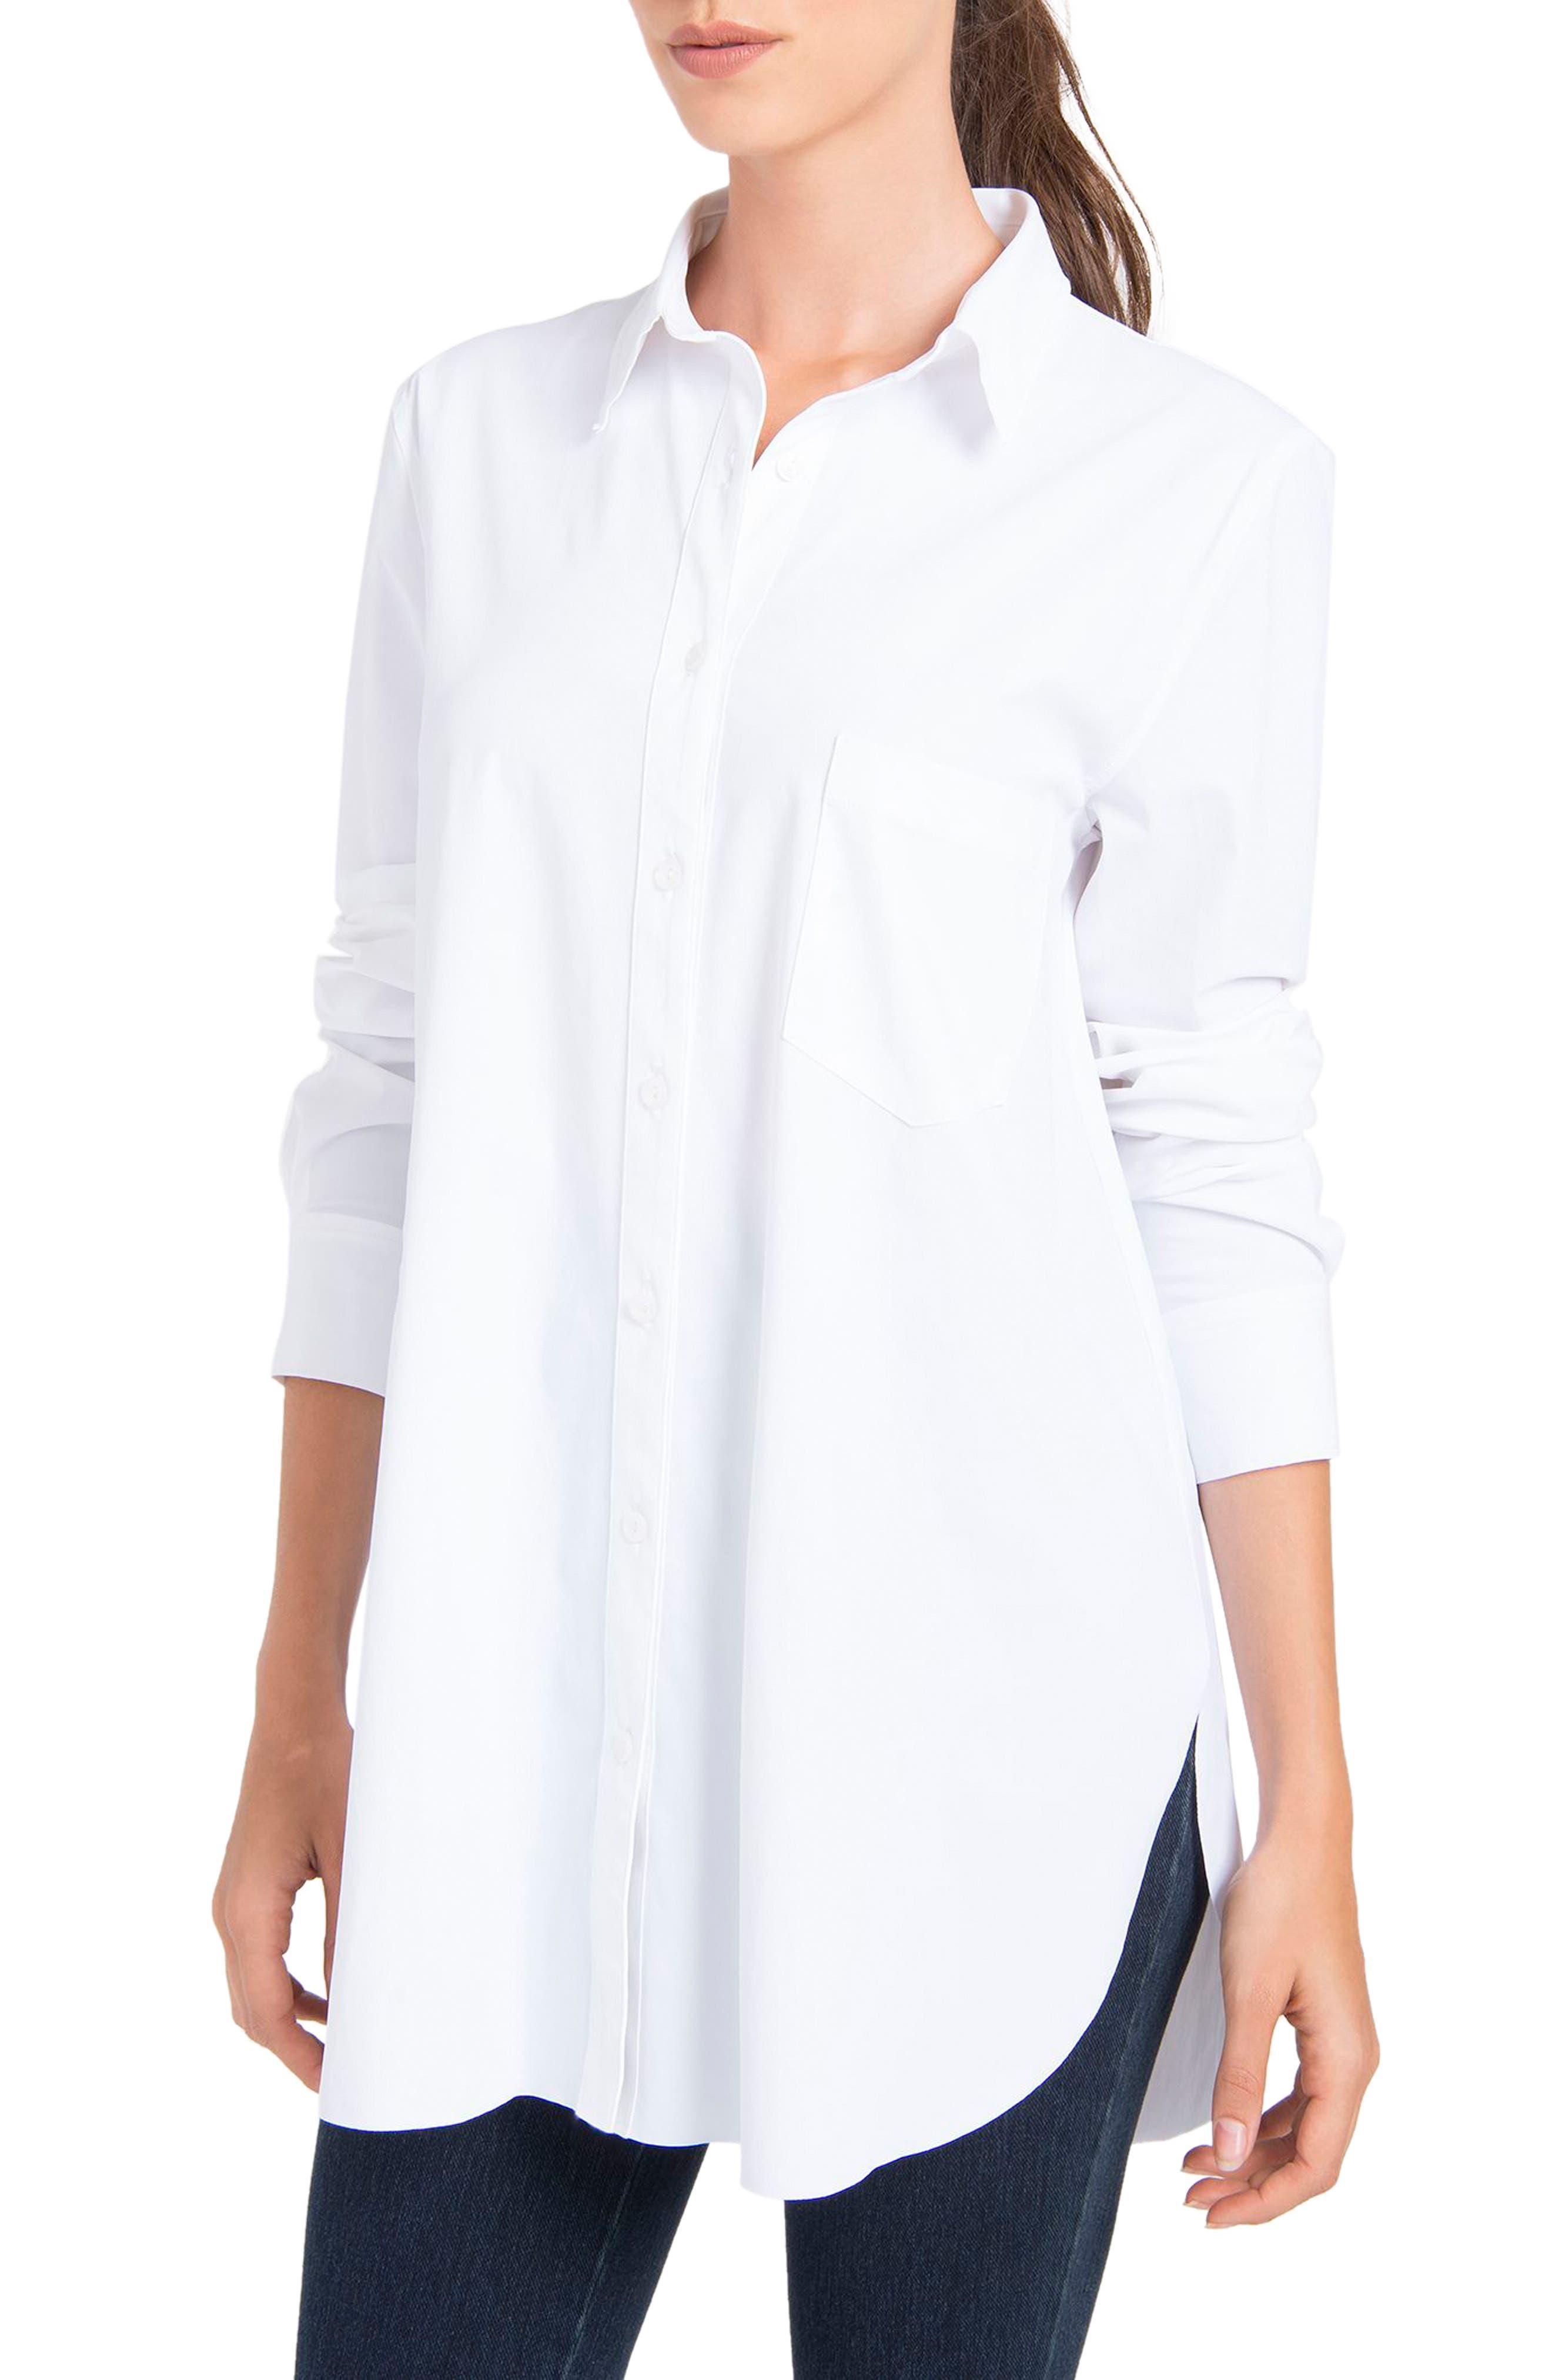 LYSSÉ Schiffer Shirt, Main, color, WHITE